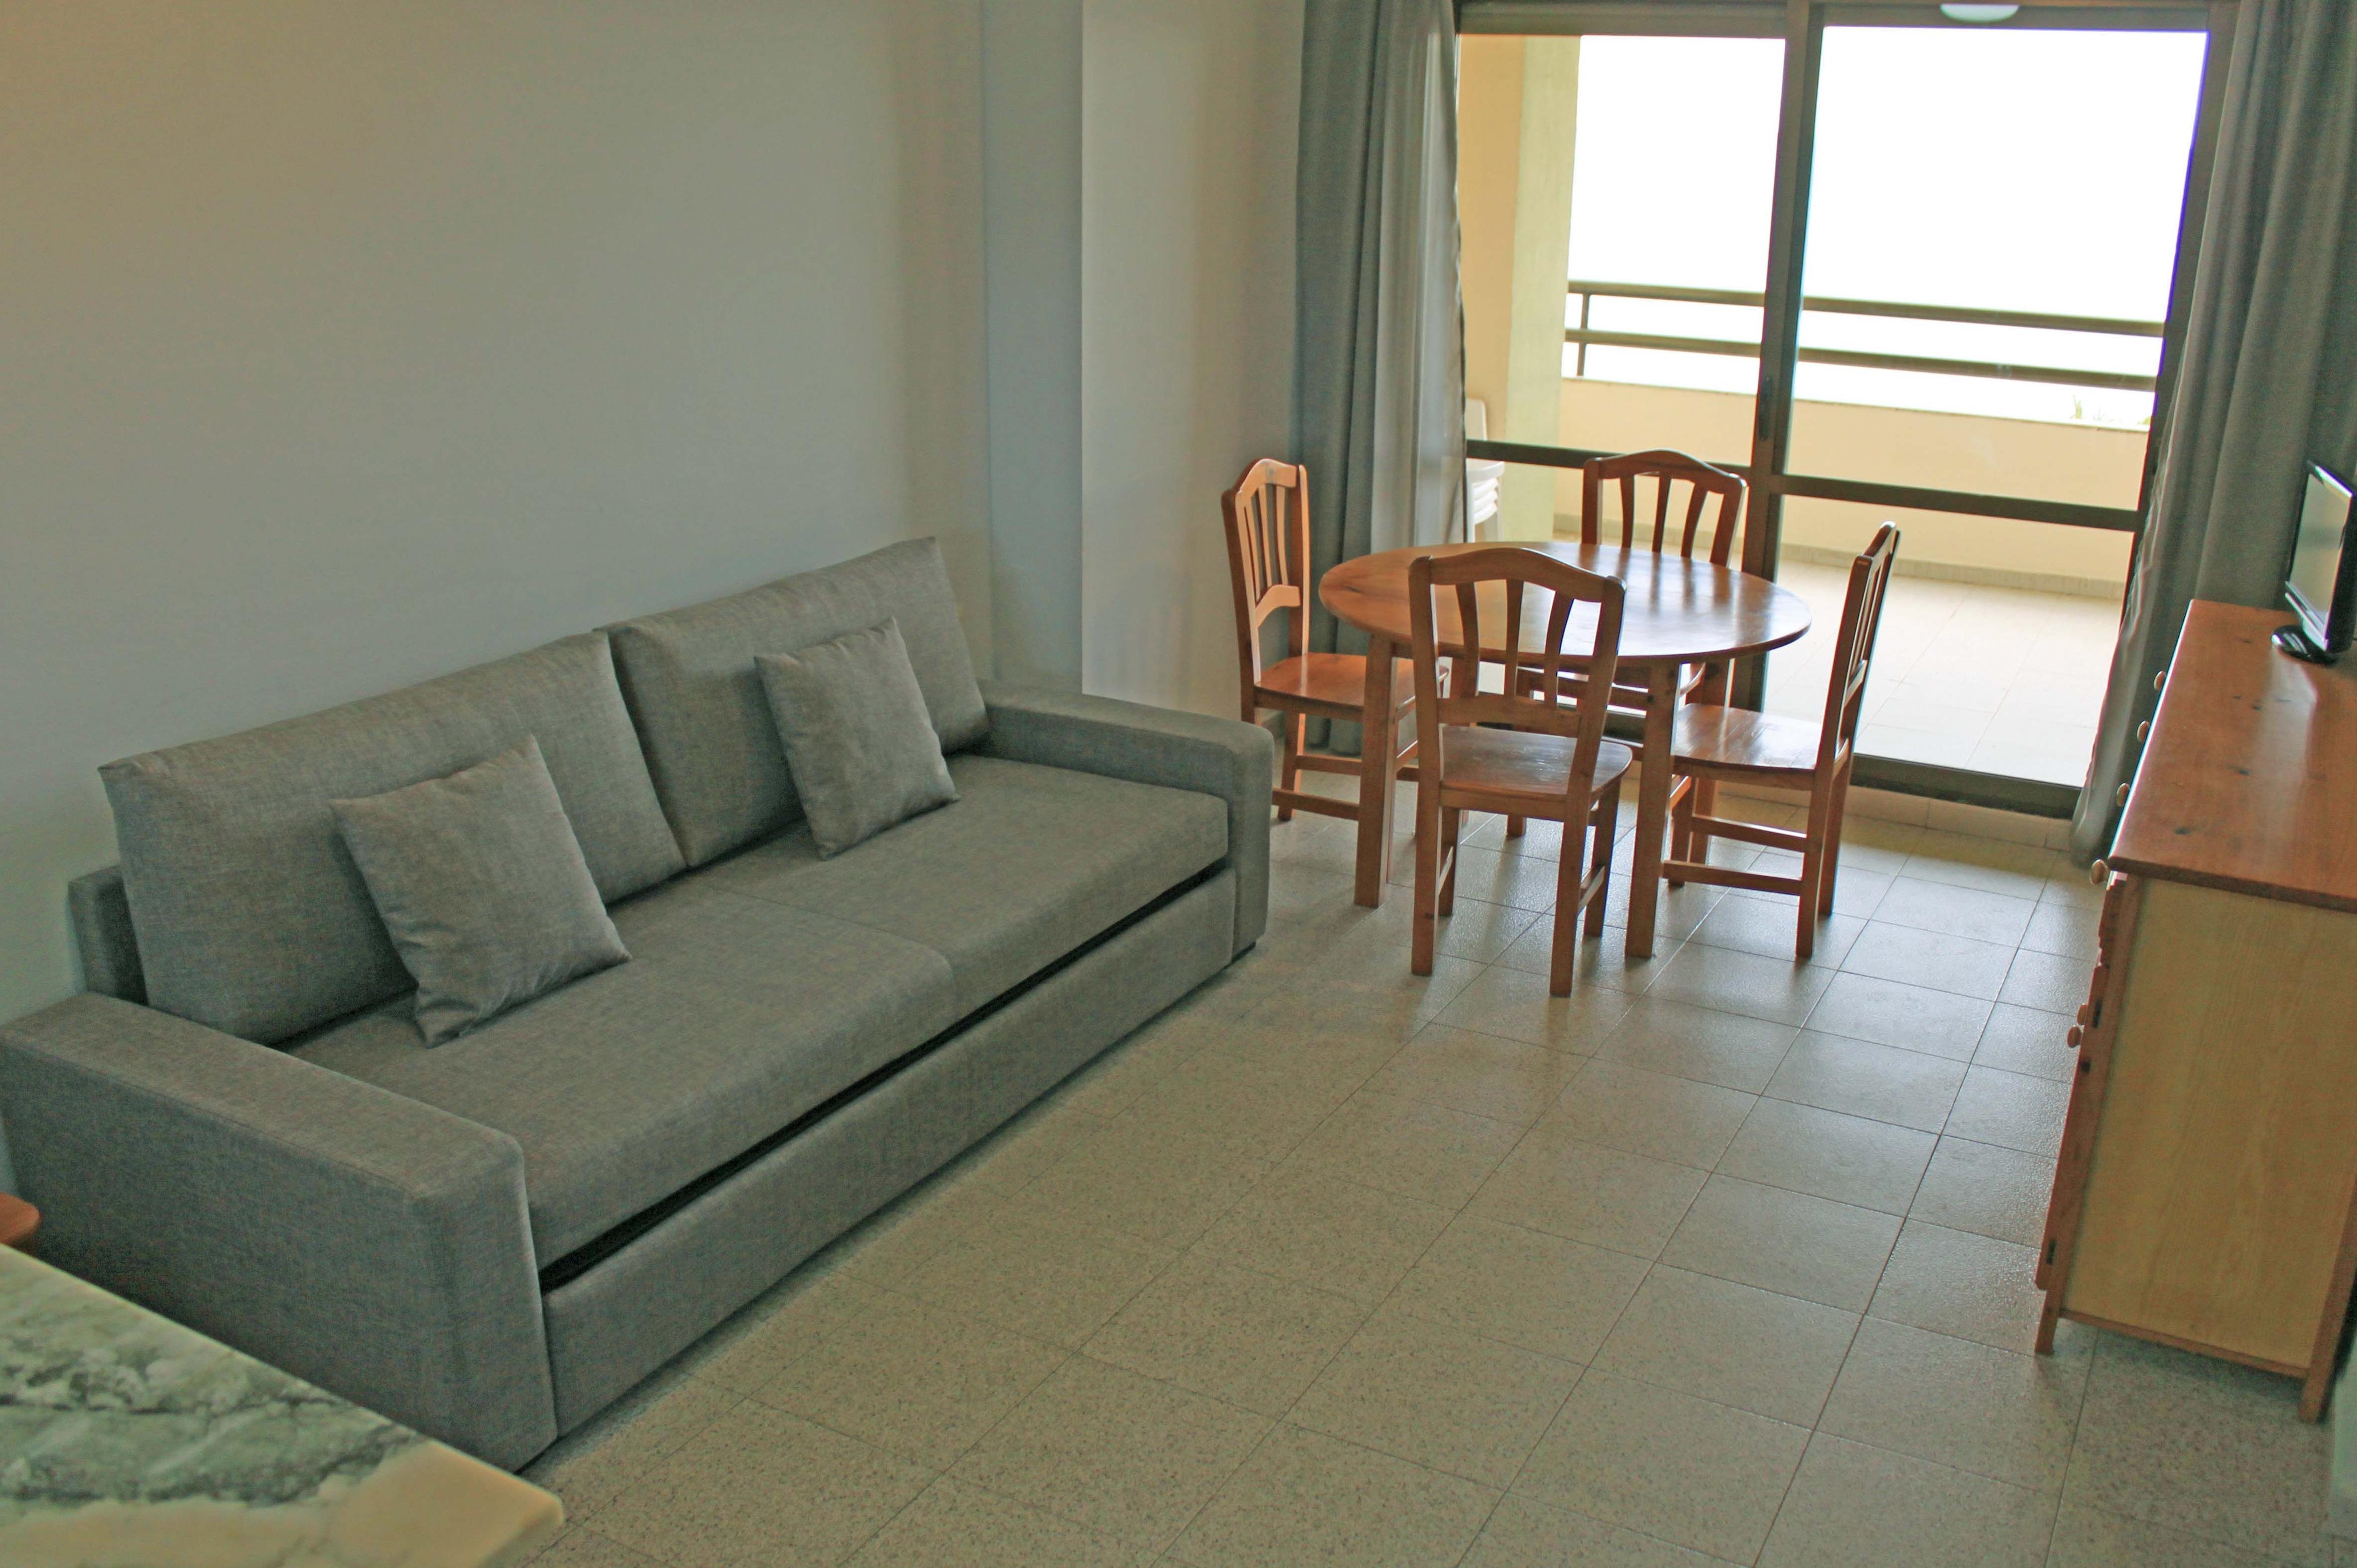 Foto 35 de Apartamentos y casas de alquiler en Peníscola/Peñíscola | Apartamentos Florida II